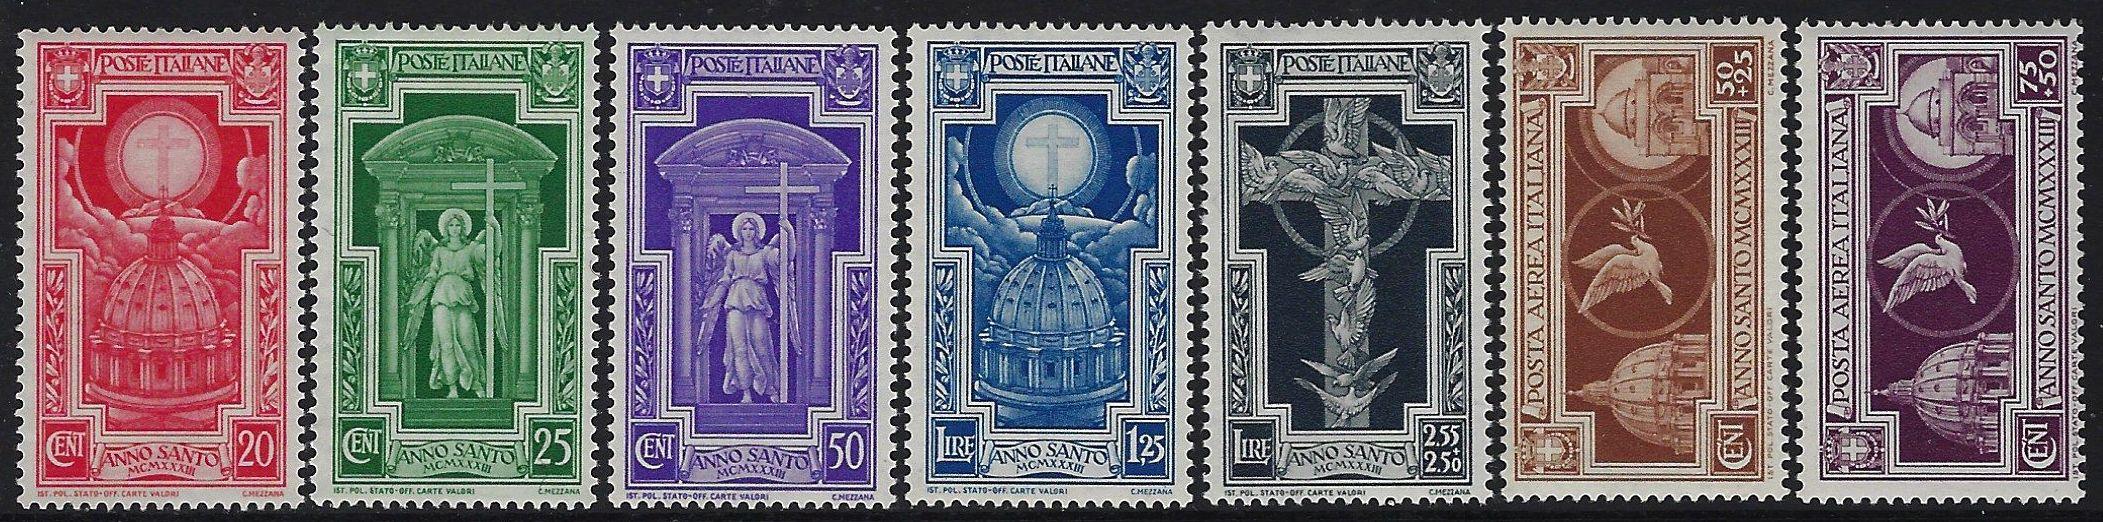 1933 Anno Santo